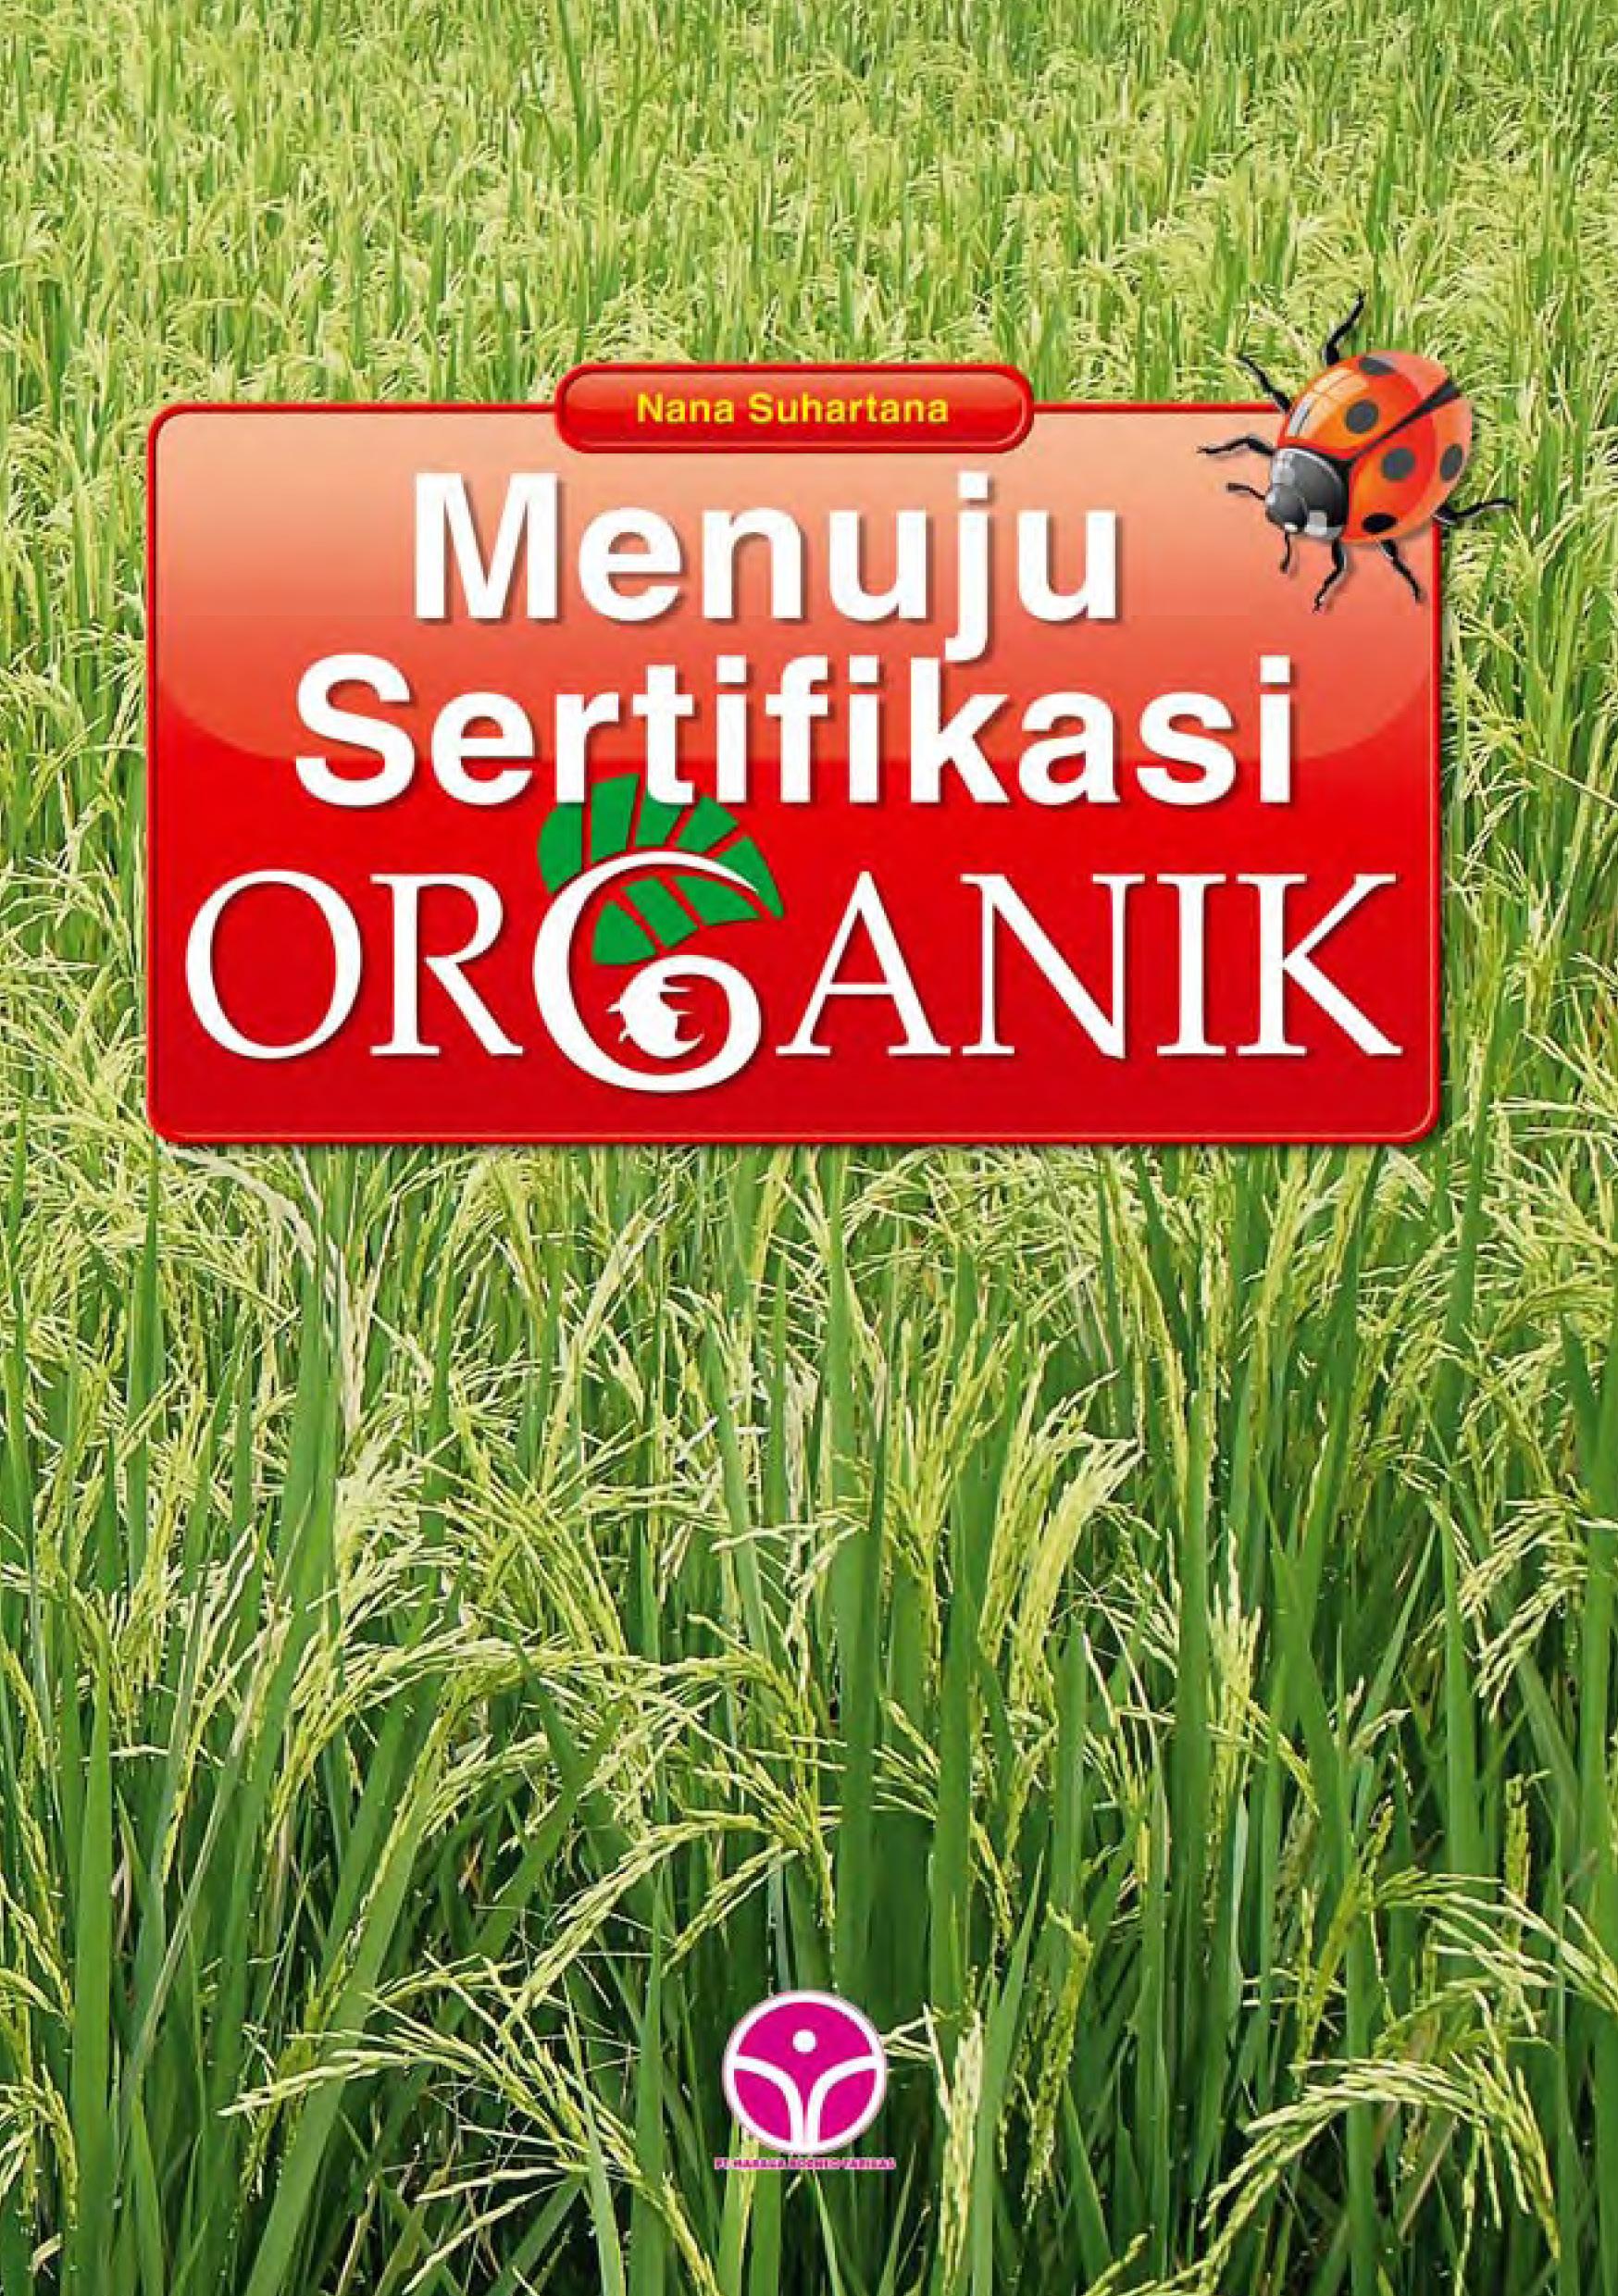 Menuju sertifikasi organik [sumber elektronis]